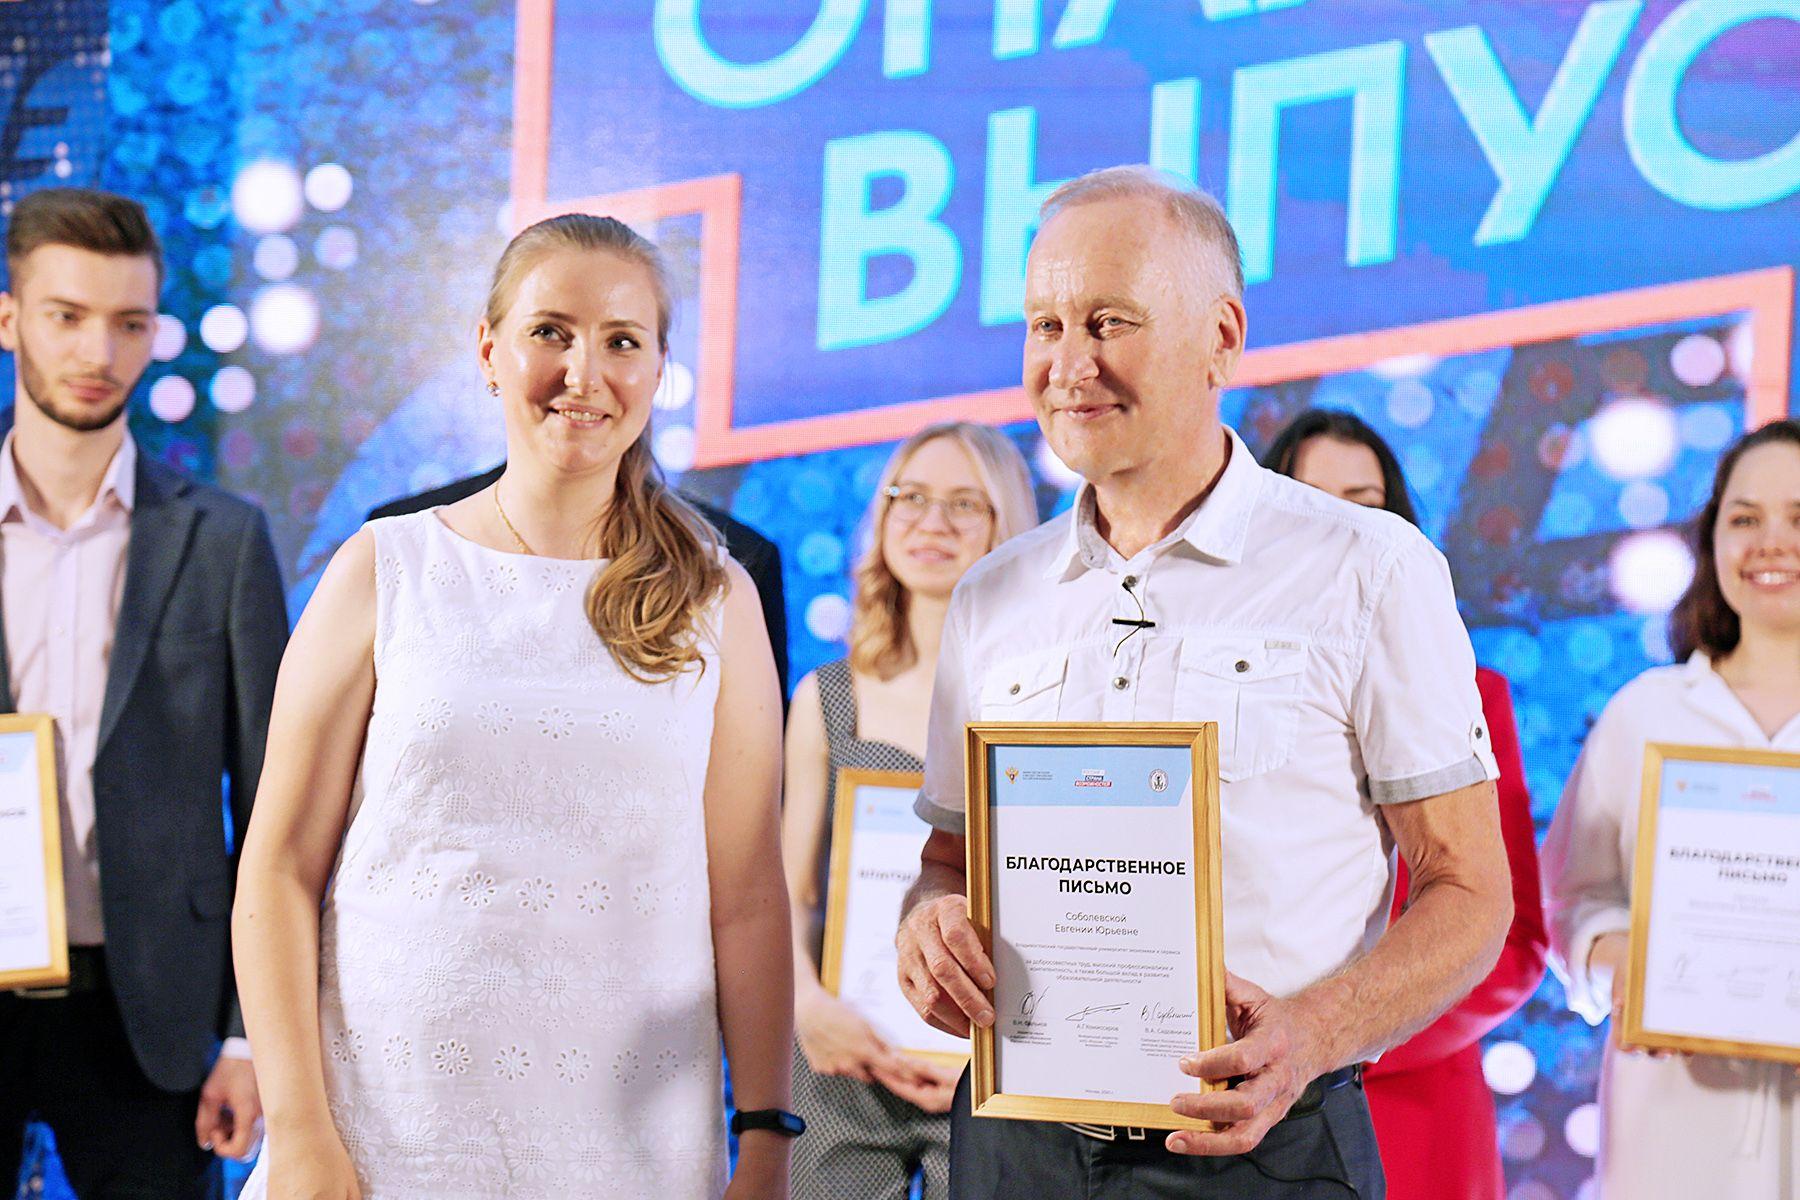 Президент Геннадий Лазарев: ВГУЭС остается востребованным и интересным для абитуриентов